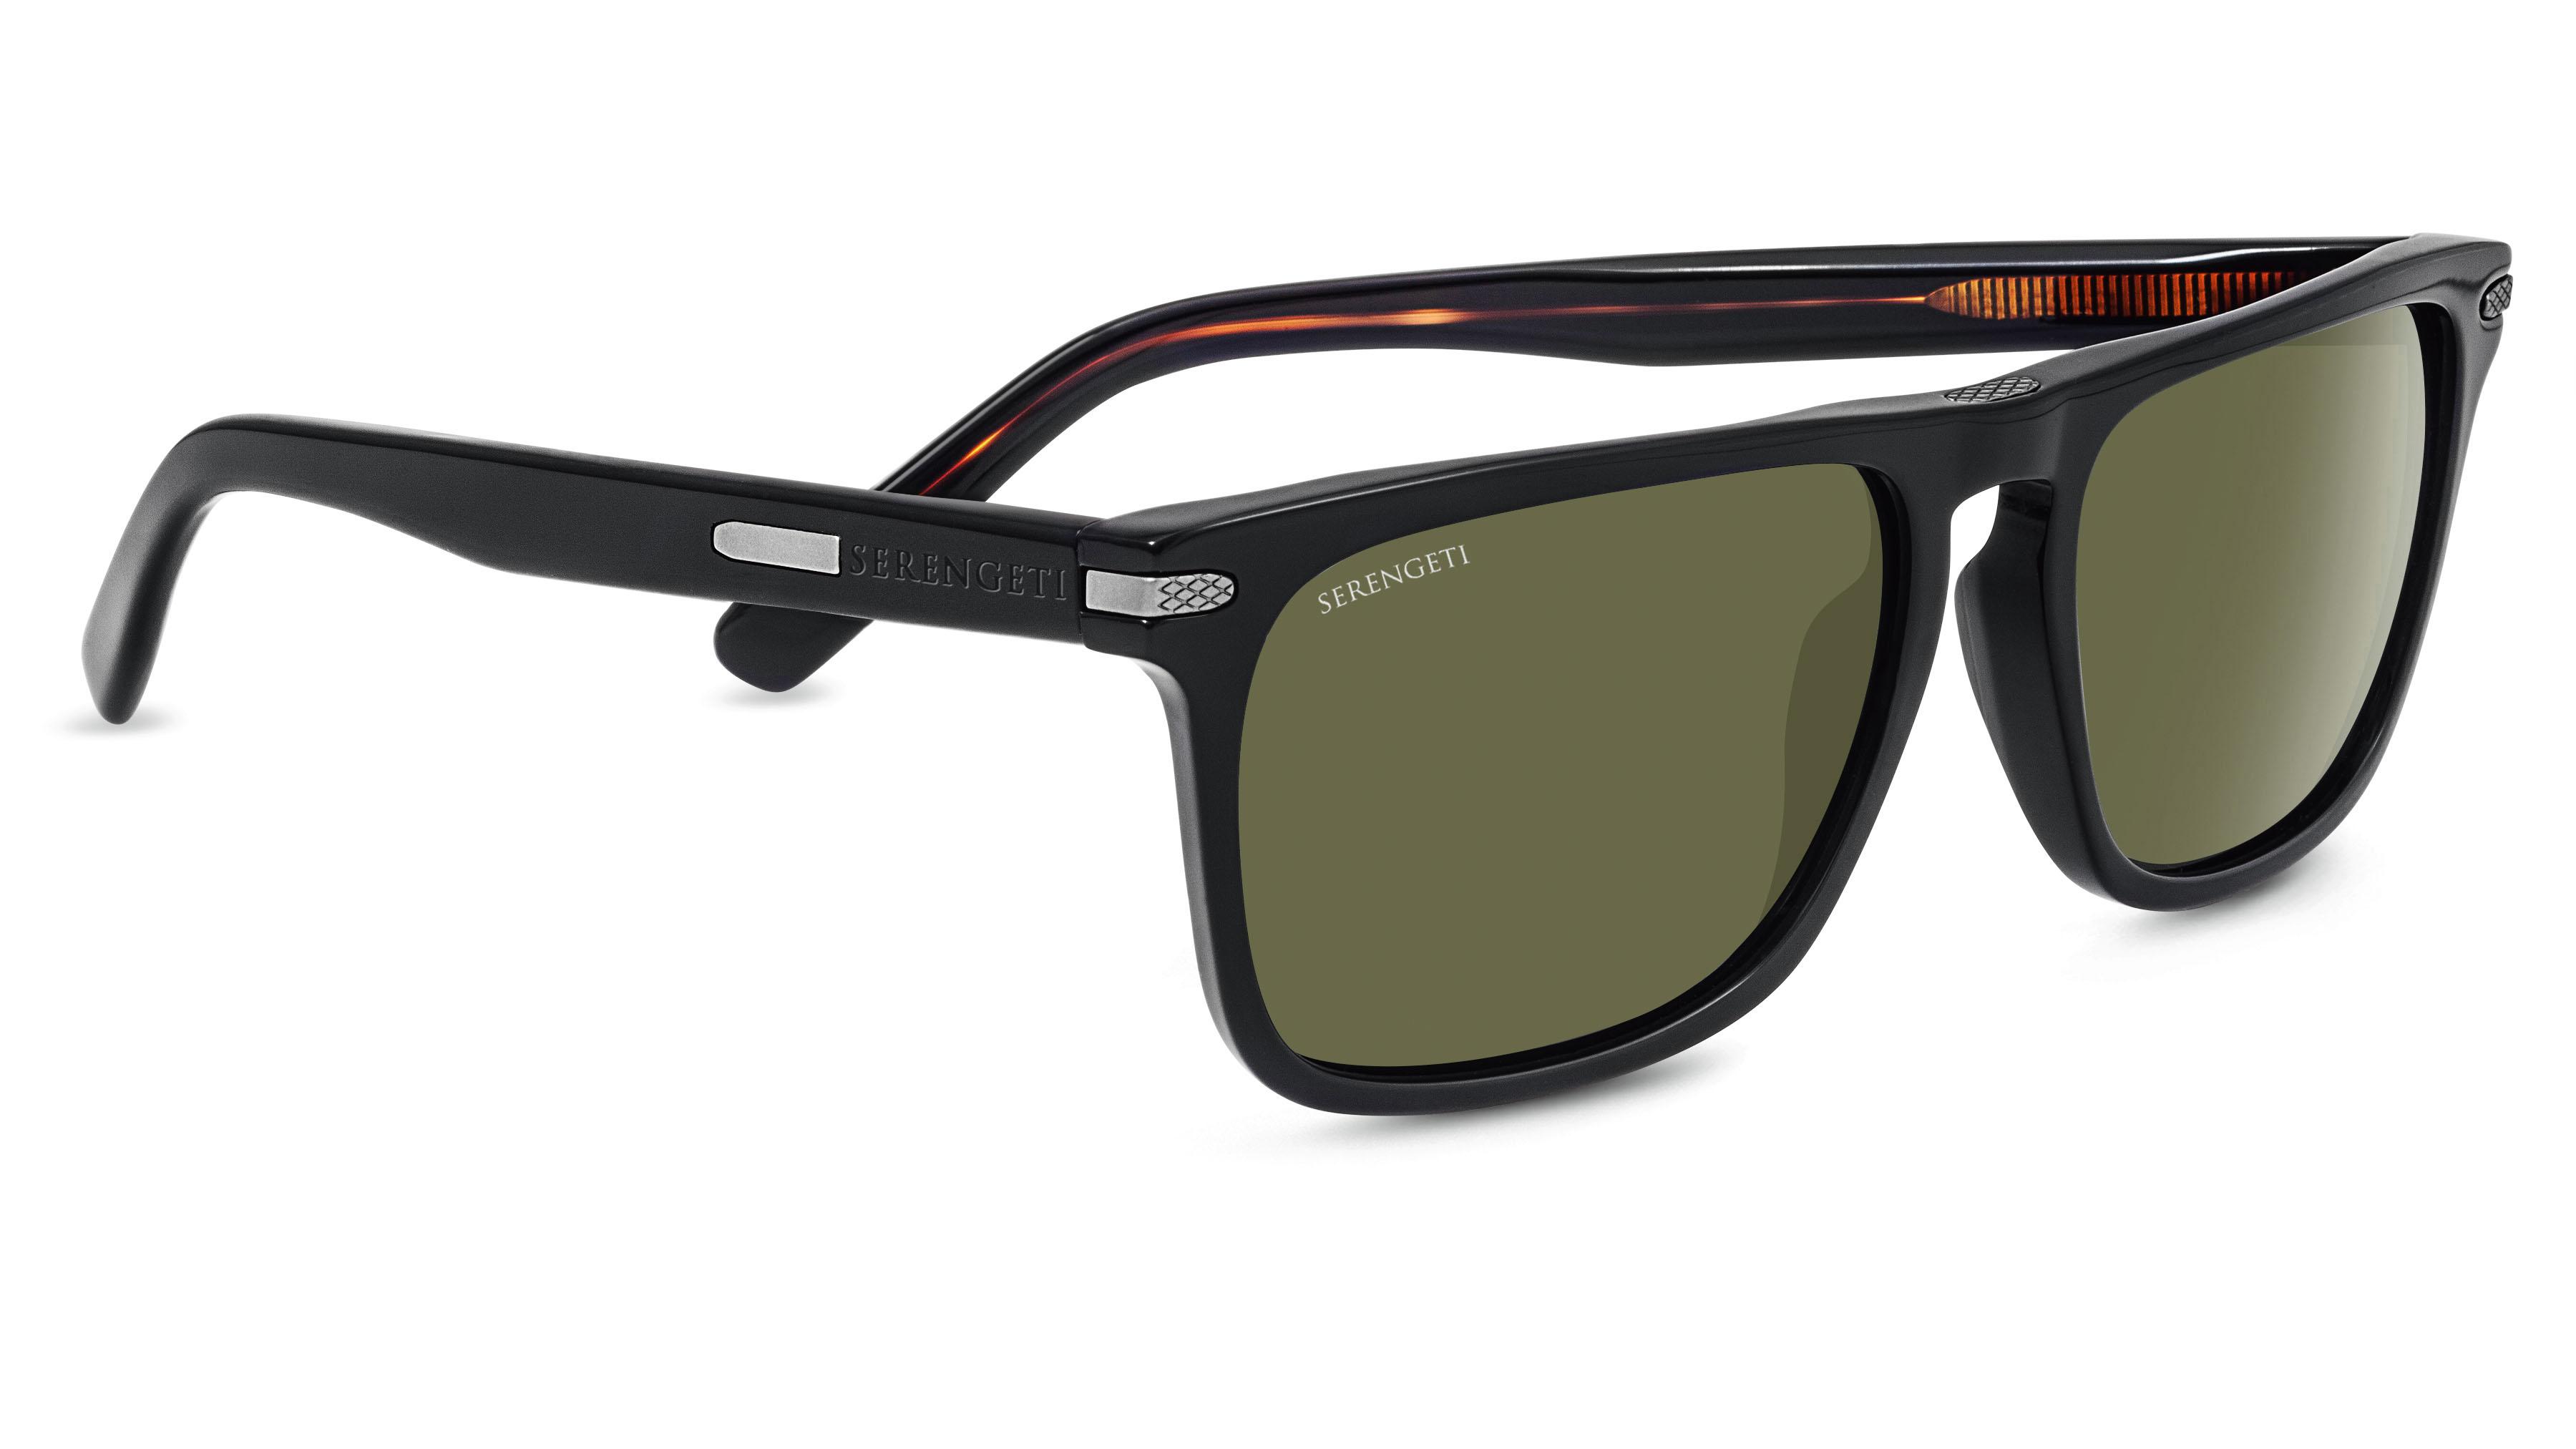 Serengeti Sonnenbrillen - Optik Kainz